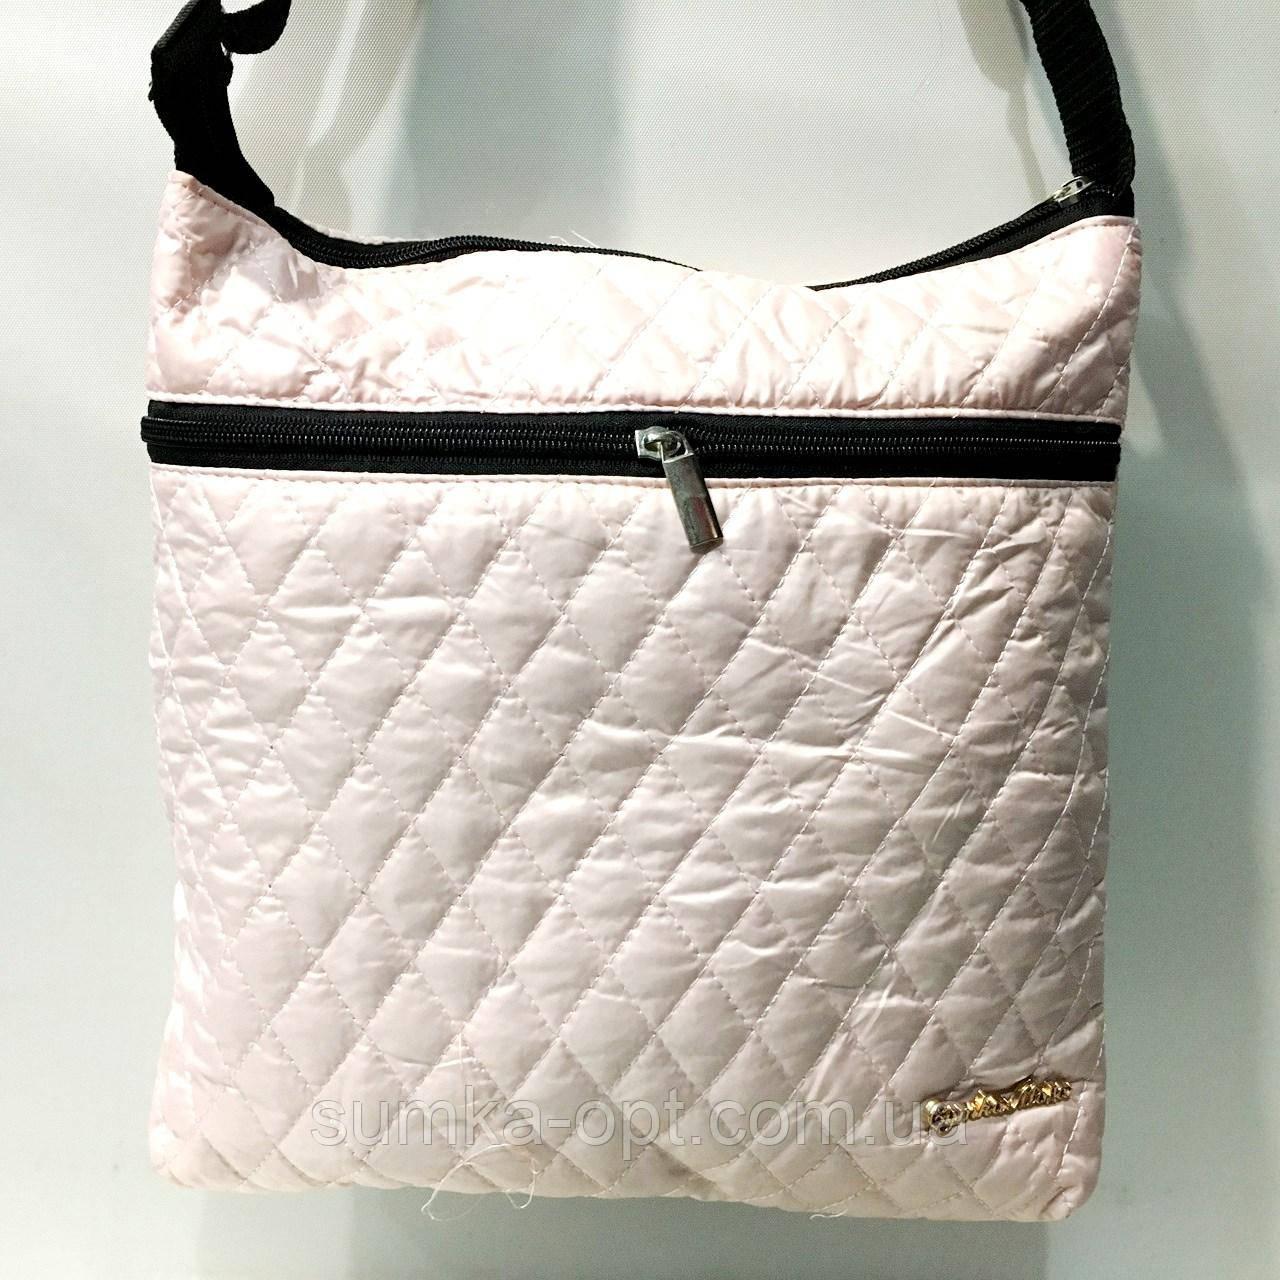 Женские стеганные сумки дешево опт до 100грн (белый)27*29см